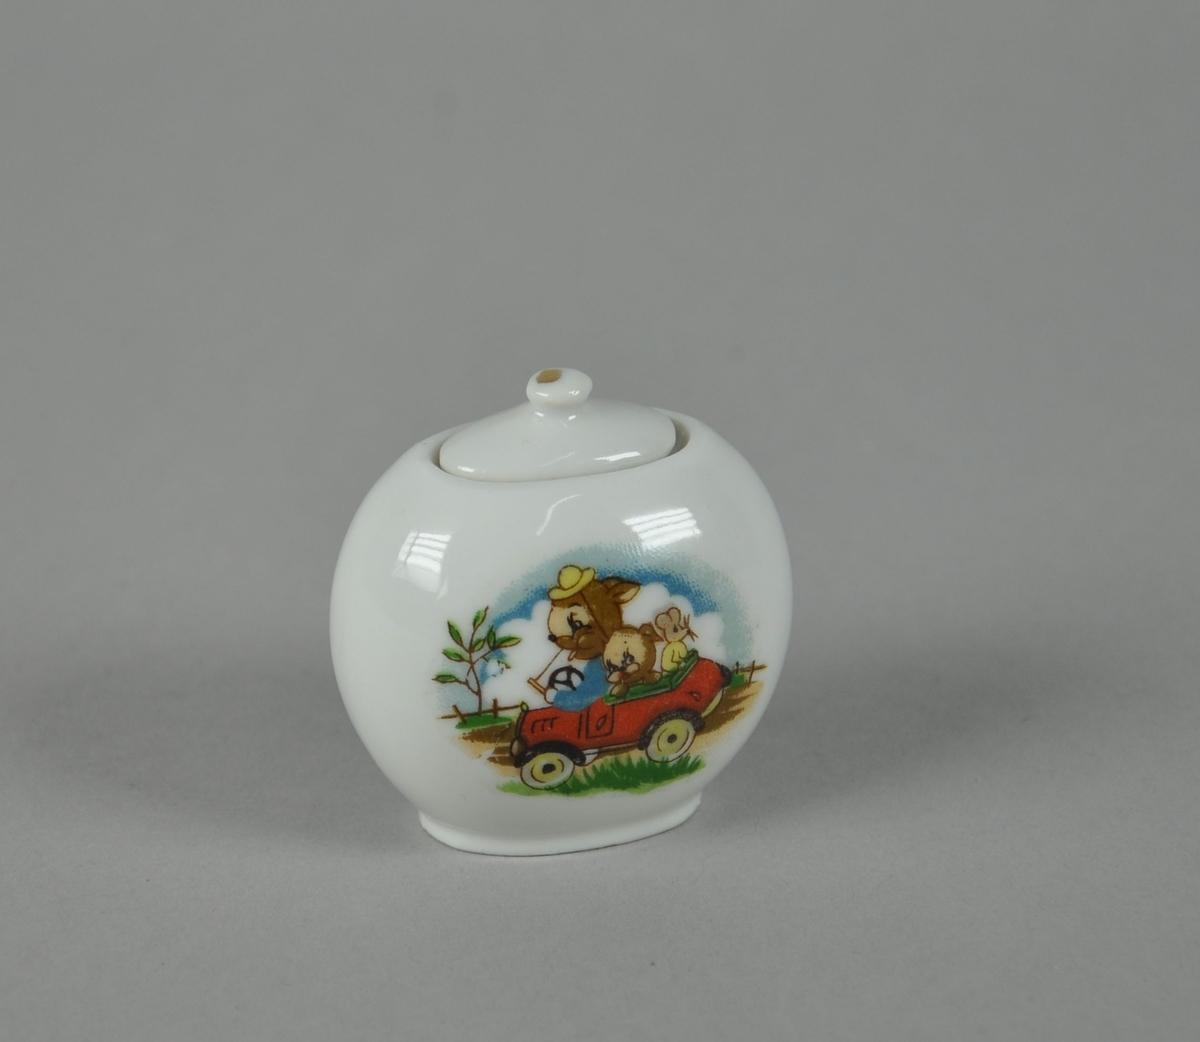 Skål av glassert keramikk. Hvit farge, med farget motiv av harer og mus i rød bil. Skålen har lokk.